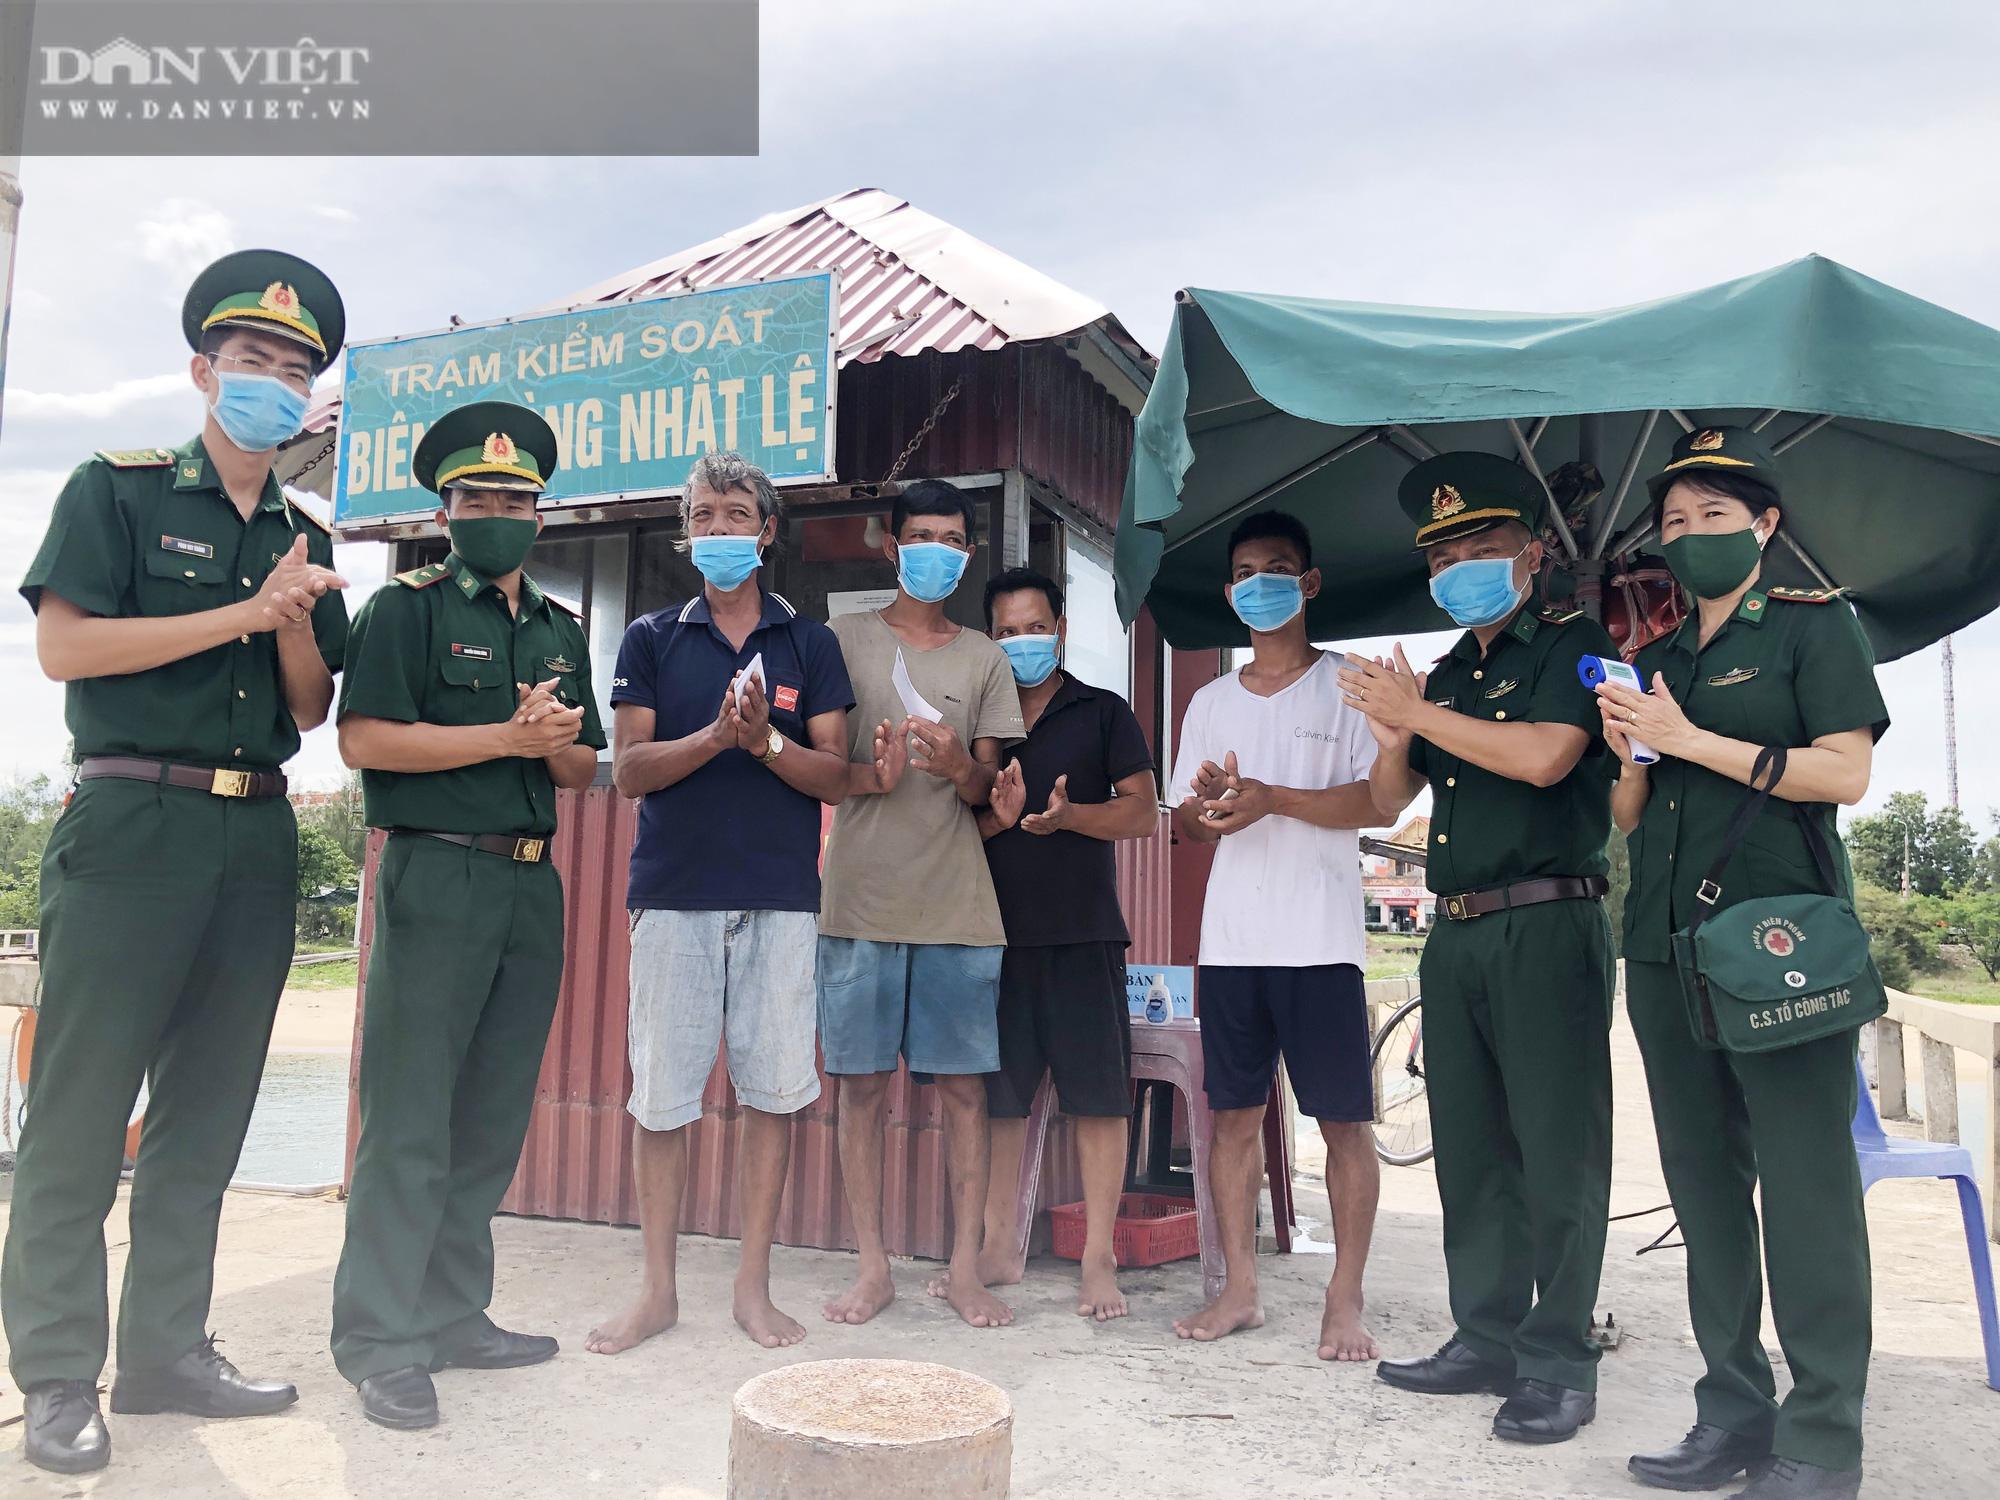 """Quảng Bình: Các thuyền viên kể lại giây phút """"sinh tử"""" lúc tàu cá bị chìm ngoài khơi - Ảnh 3."""